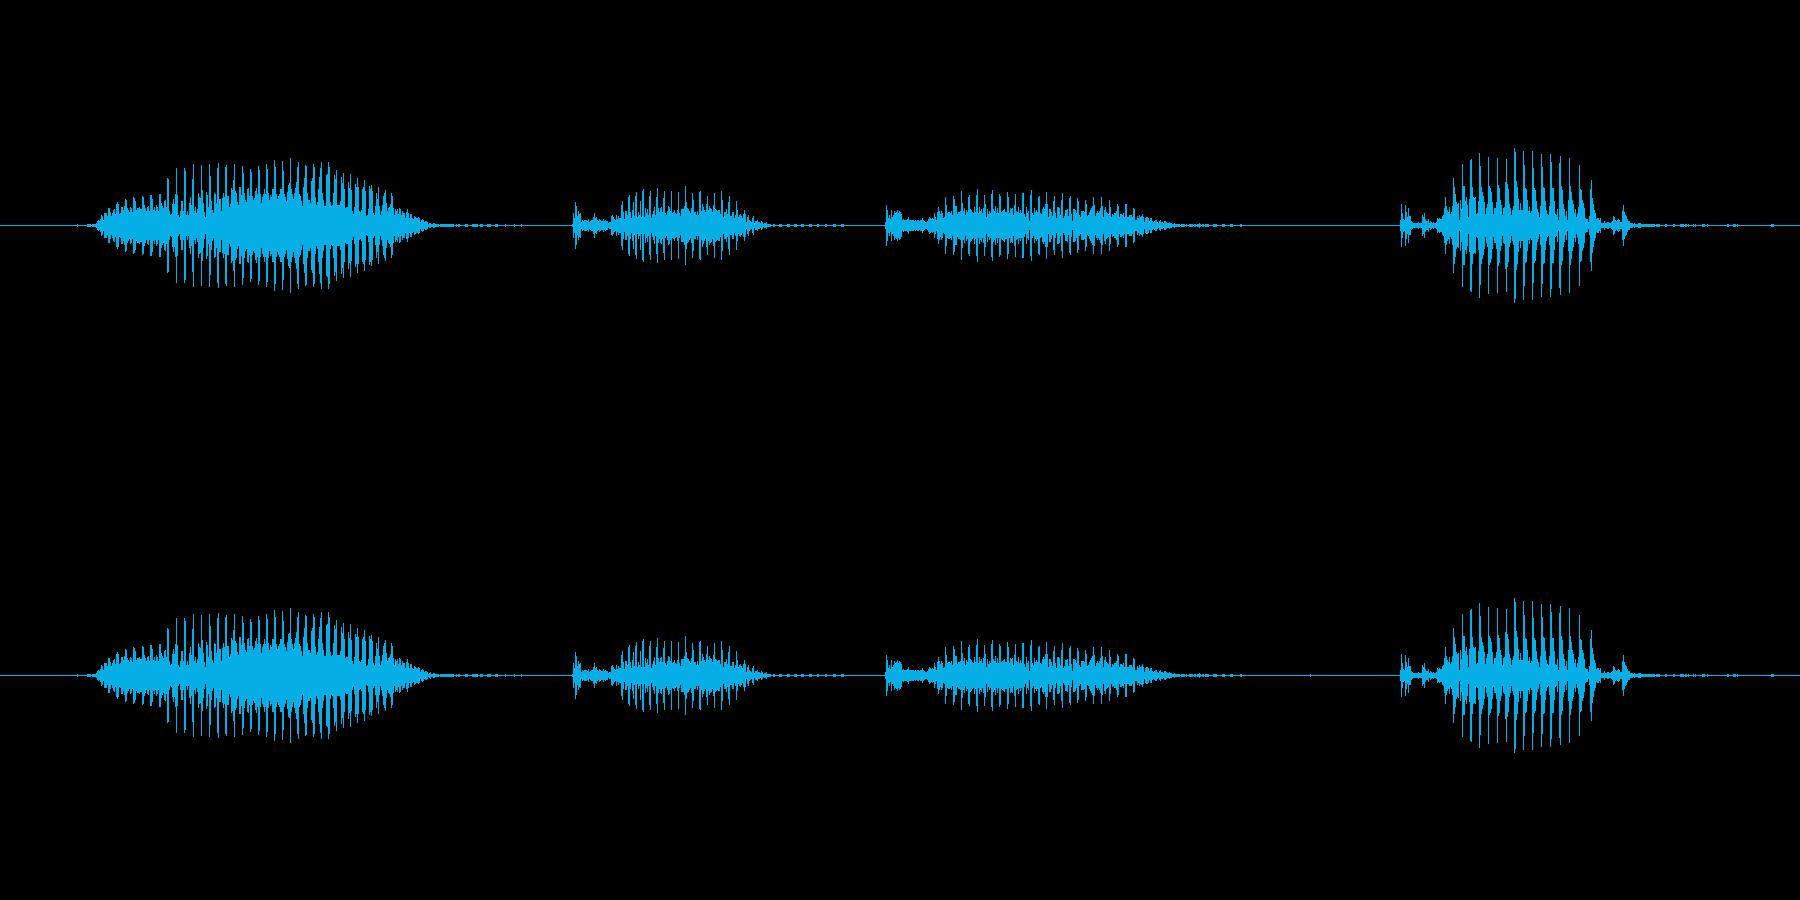 【日数・経過】6日経過の再生済みの波形